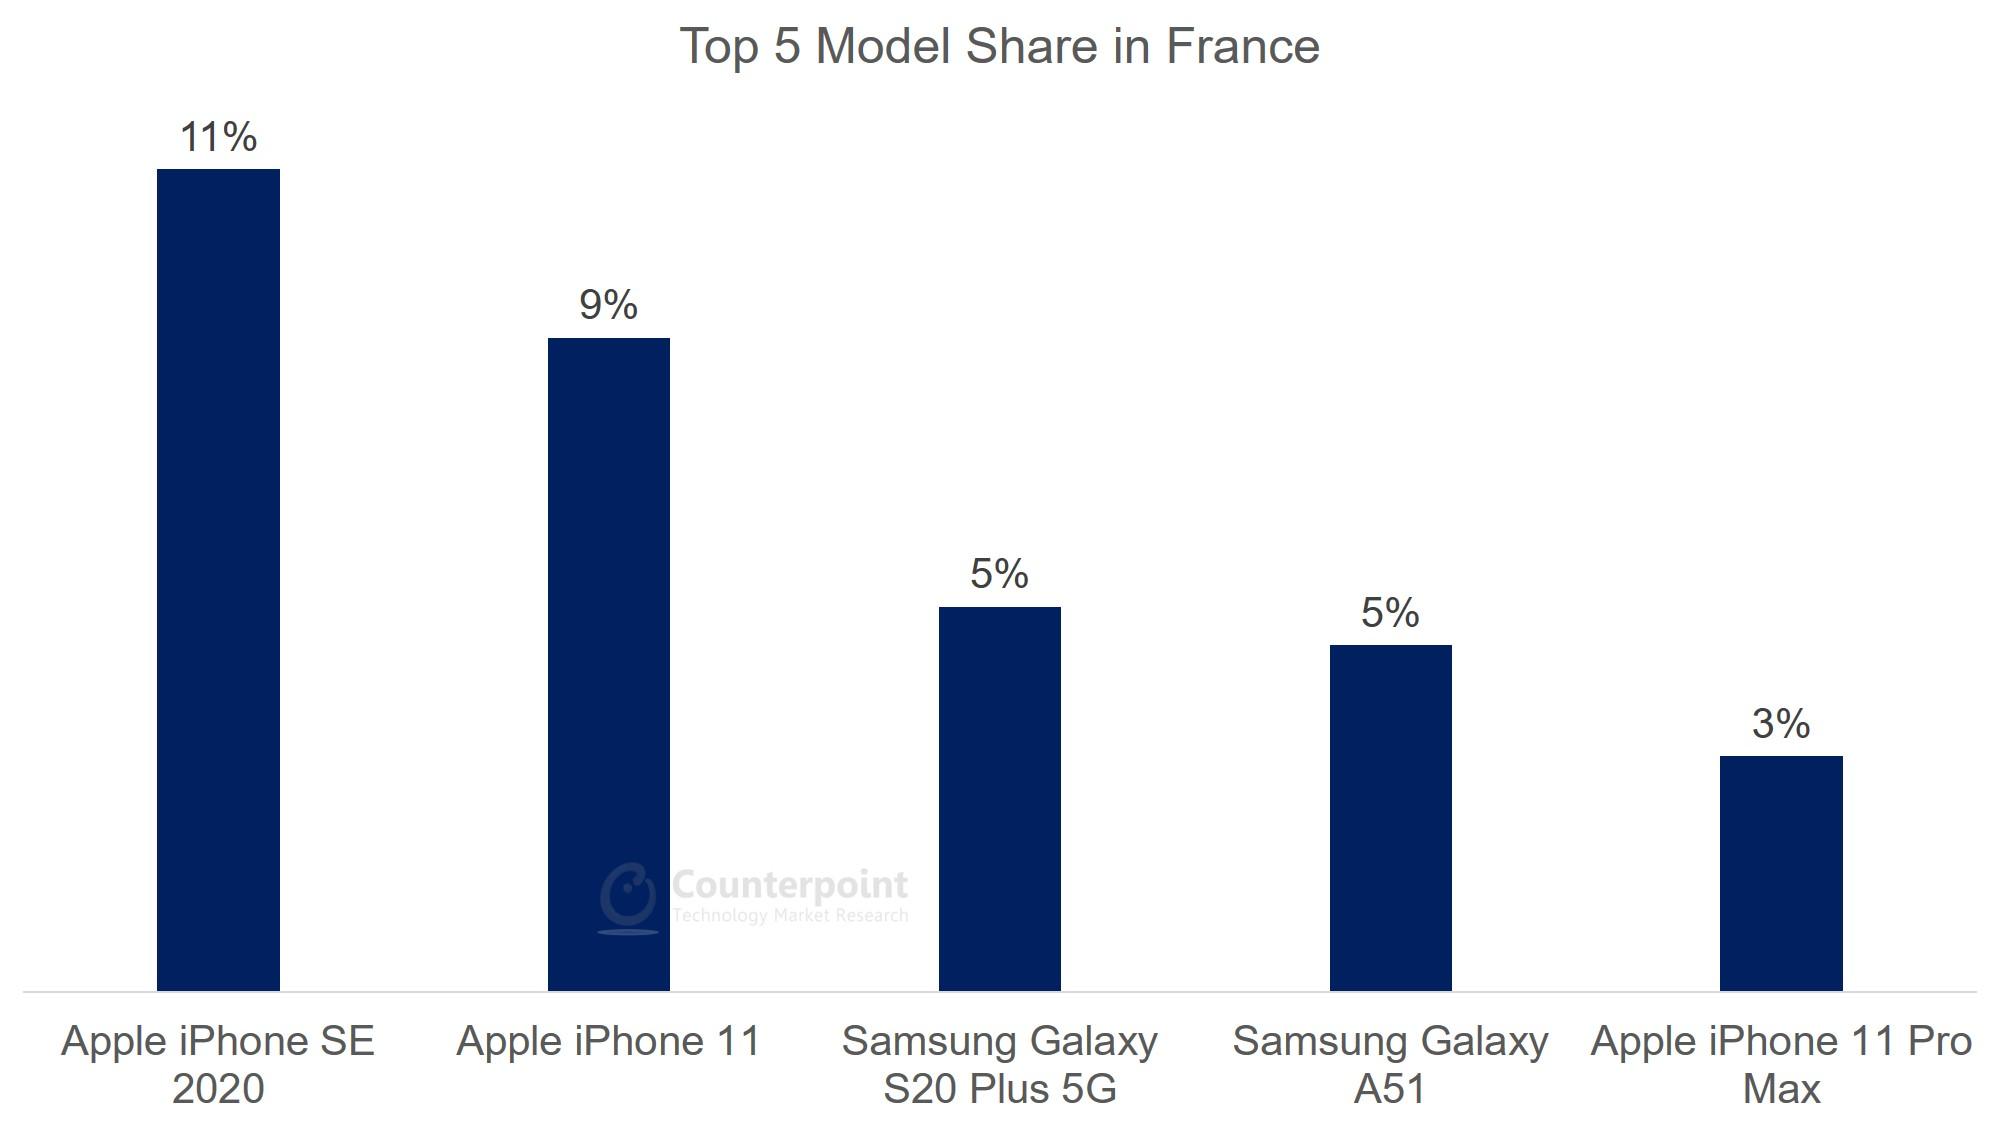 France - Top 5 Model Share - Jul 2020